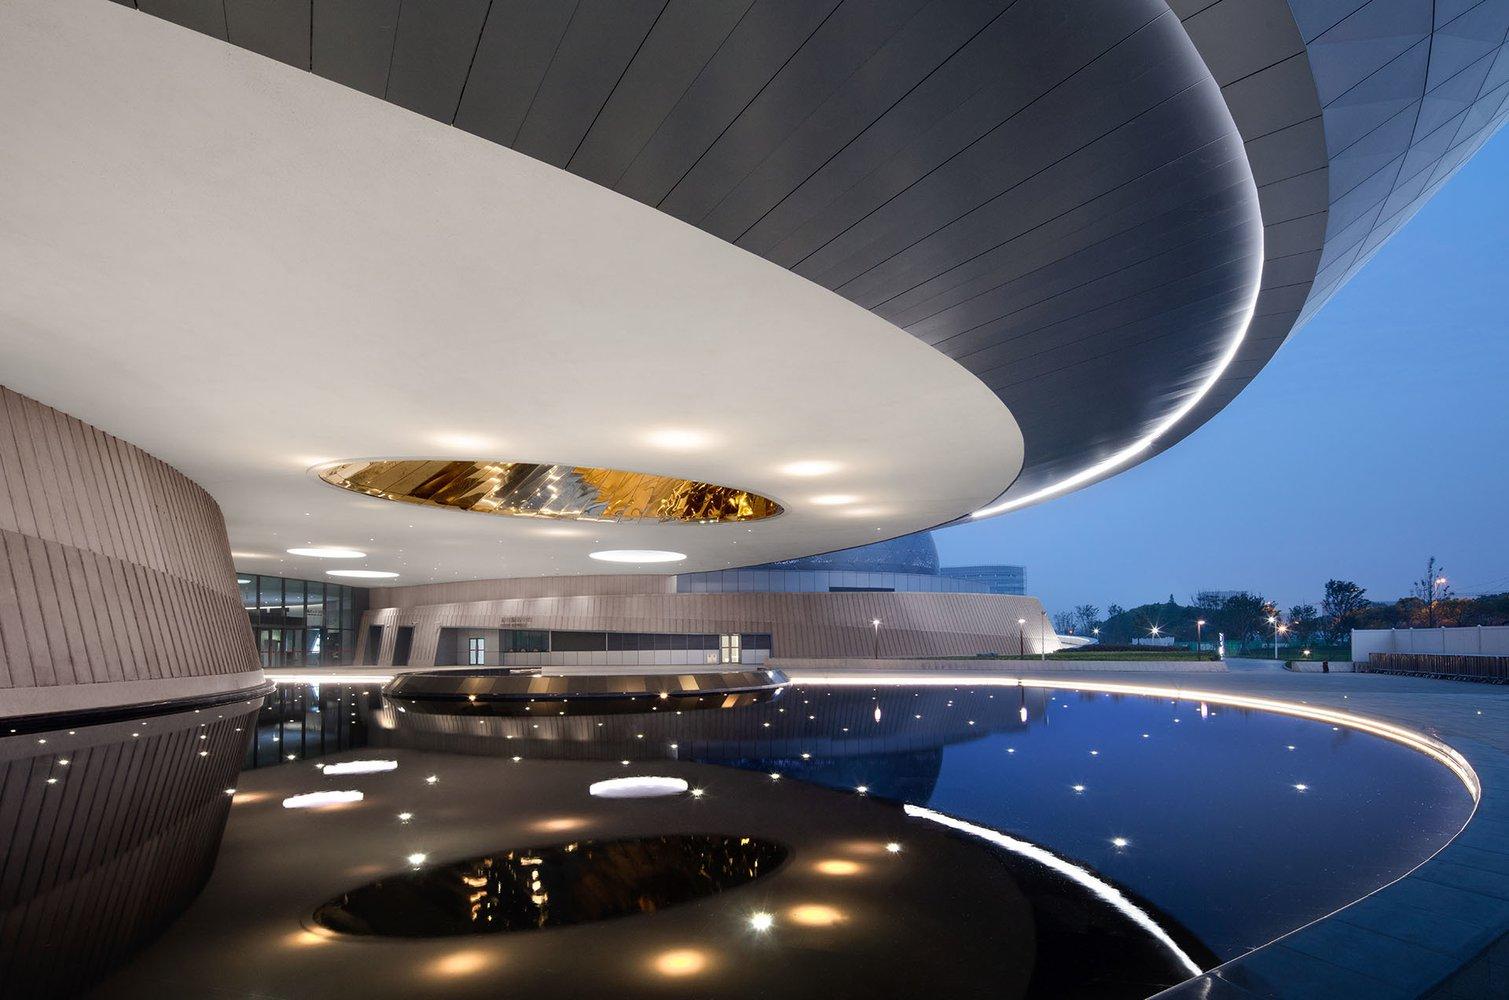 В Шанхае начал работу Астрономический музей с крупнейшим в мире планетарием.Вокруг Света. Украина